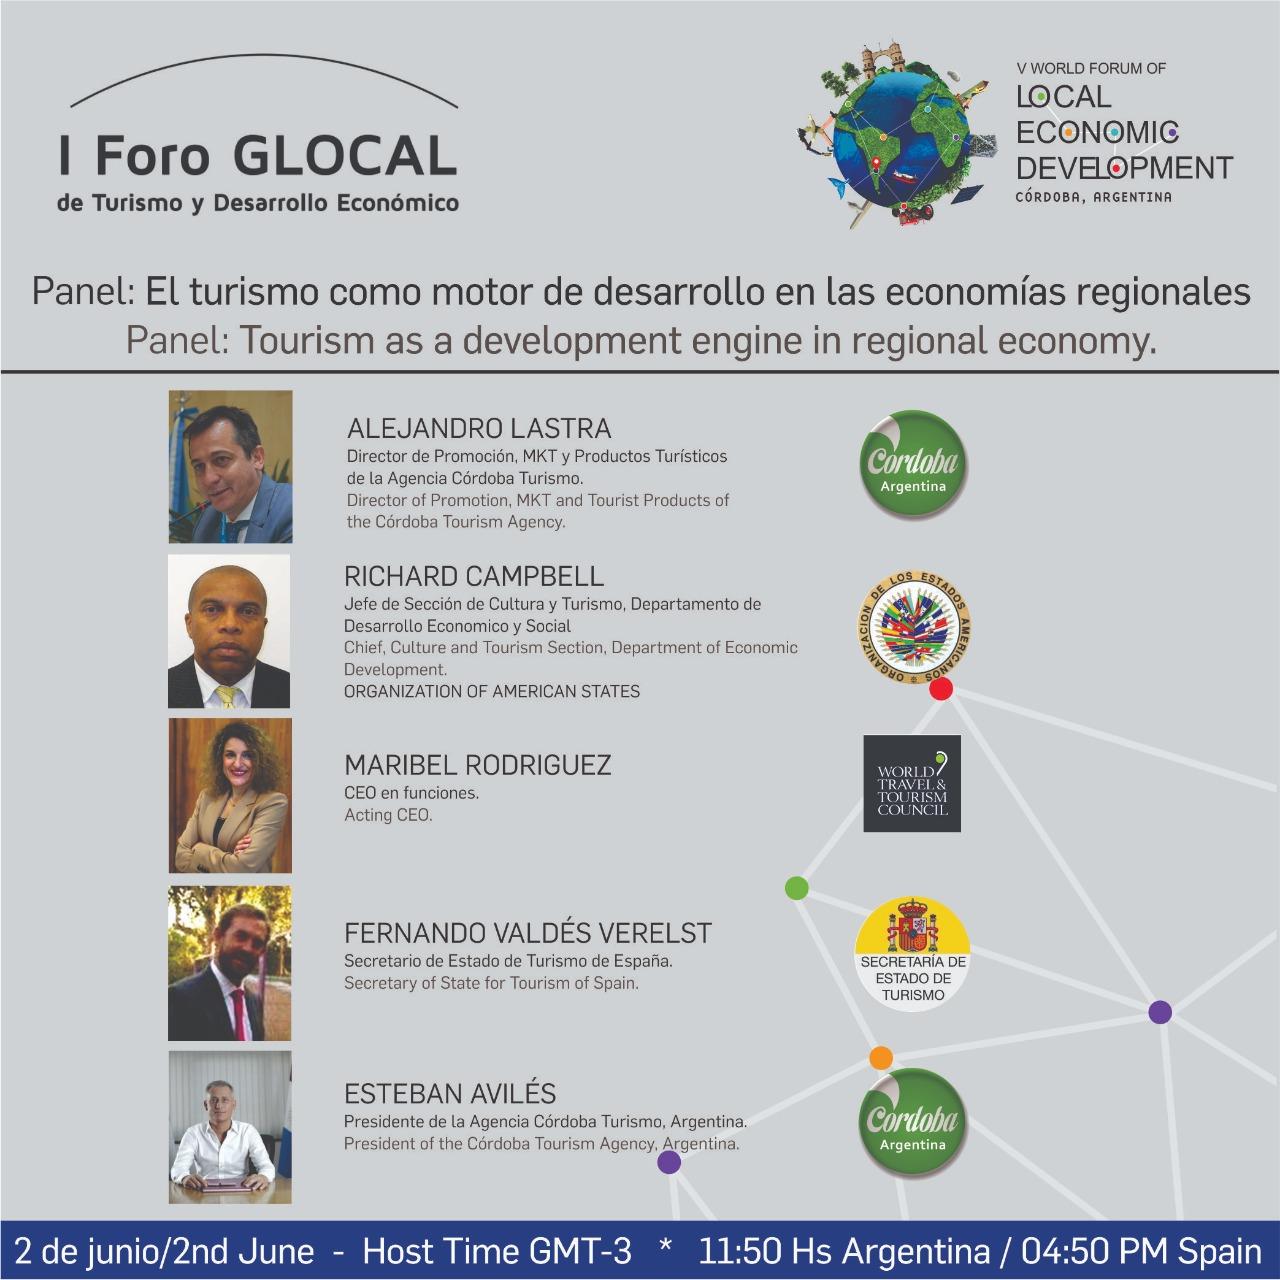 Imperdible: Cuenta regresiva para el I Foro Glocal de Turismo y Desarrollo Económico